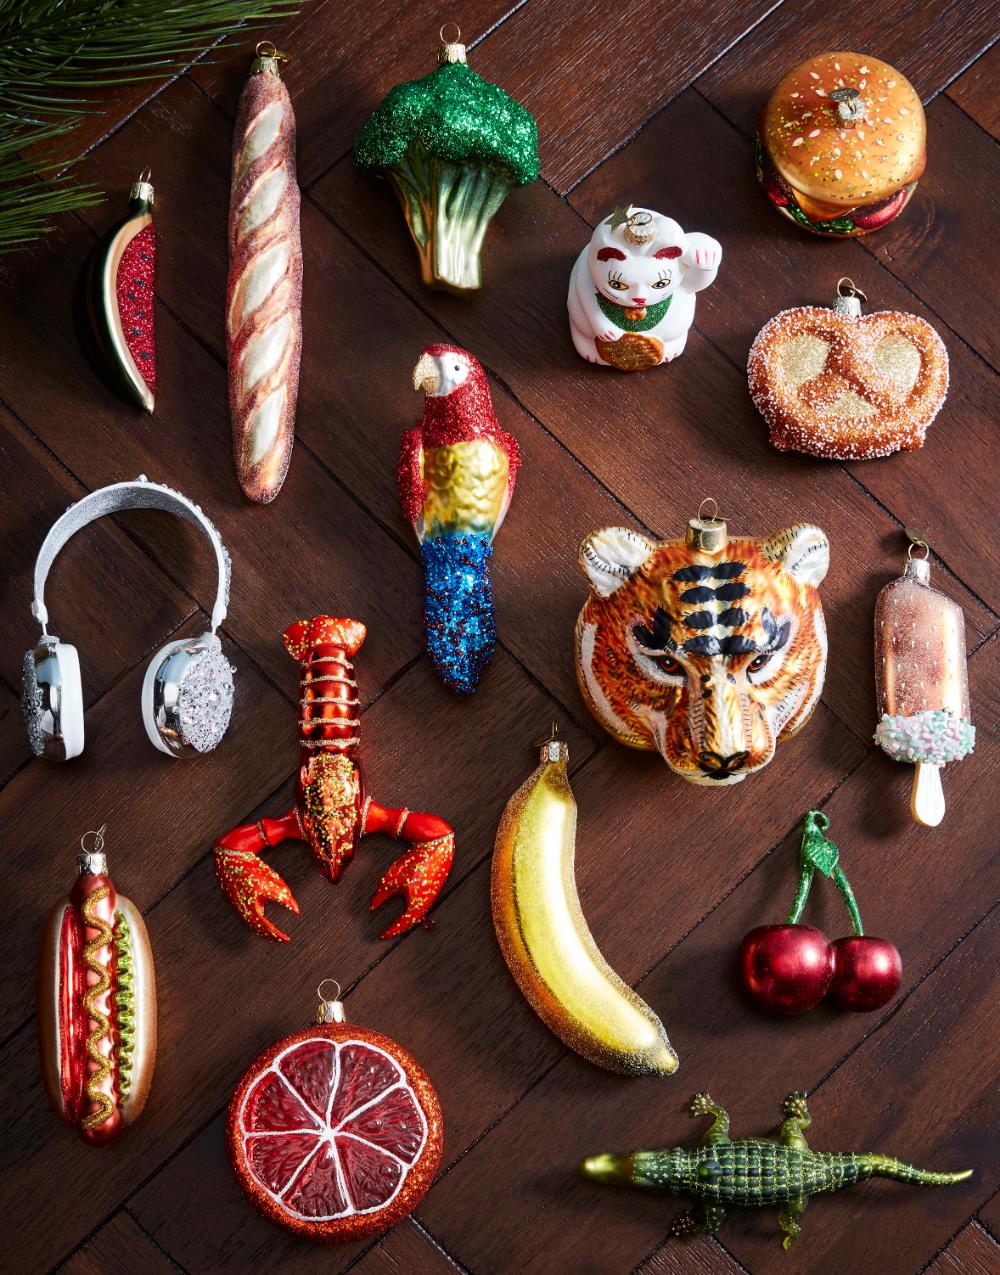 Gisela Graham Mini kersthangers 12-delig • de Bijenkorf #kerstboomversieringen2019